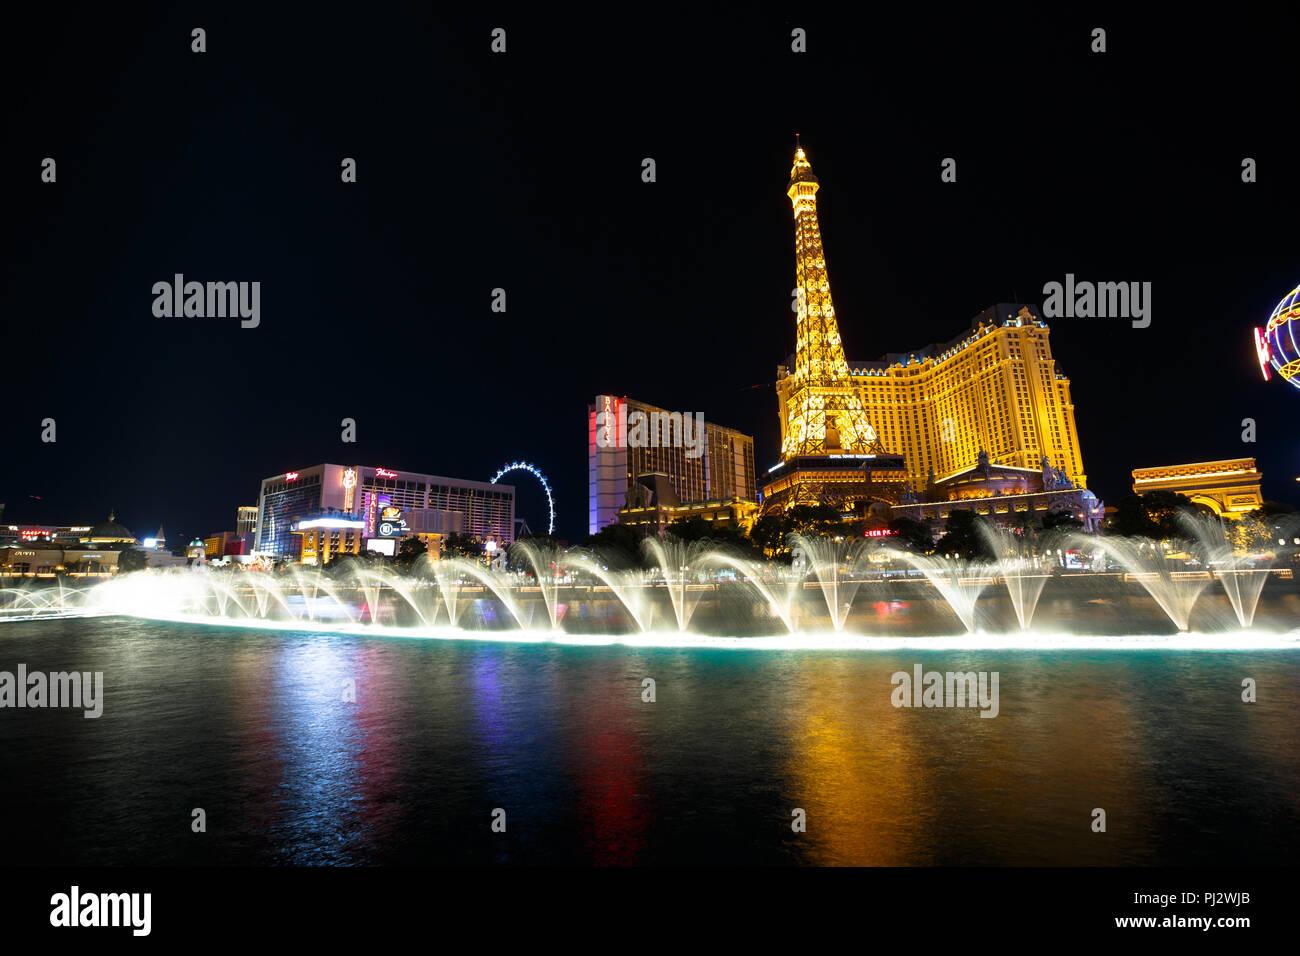 Bellagio Fountain show di notte sulla Strip di Las Vegas - Las Vegas, Nevada Foto Stock